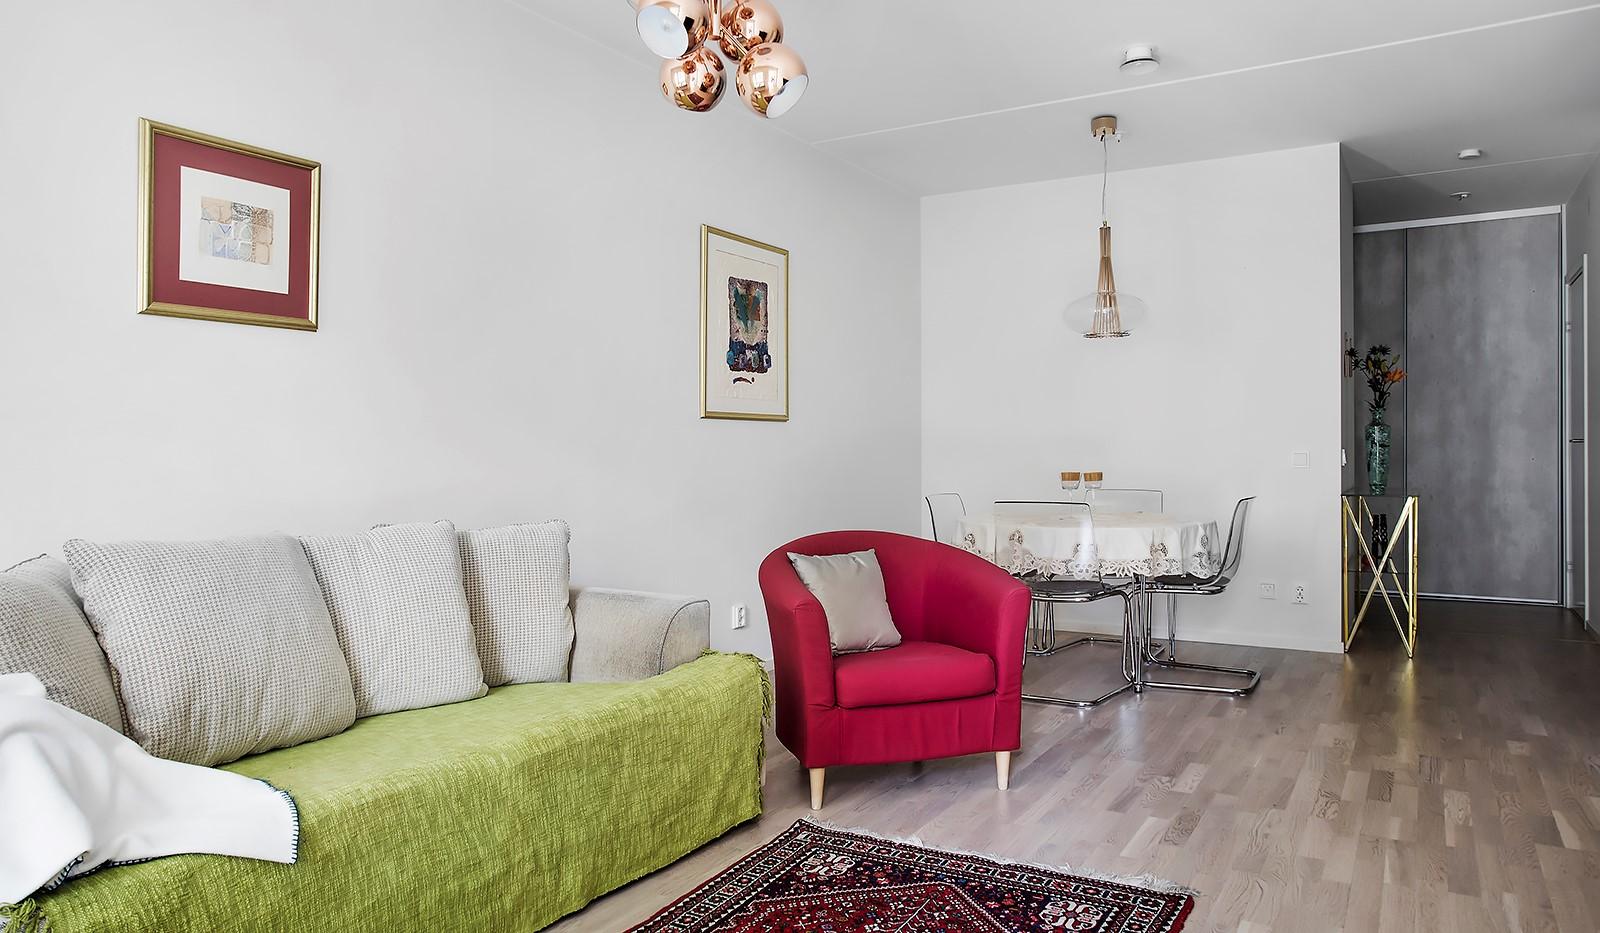 Fredriksdalsgatan 24, vån 2 - Sociala ytor med öppen planlösning